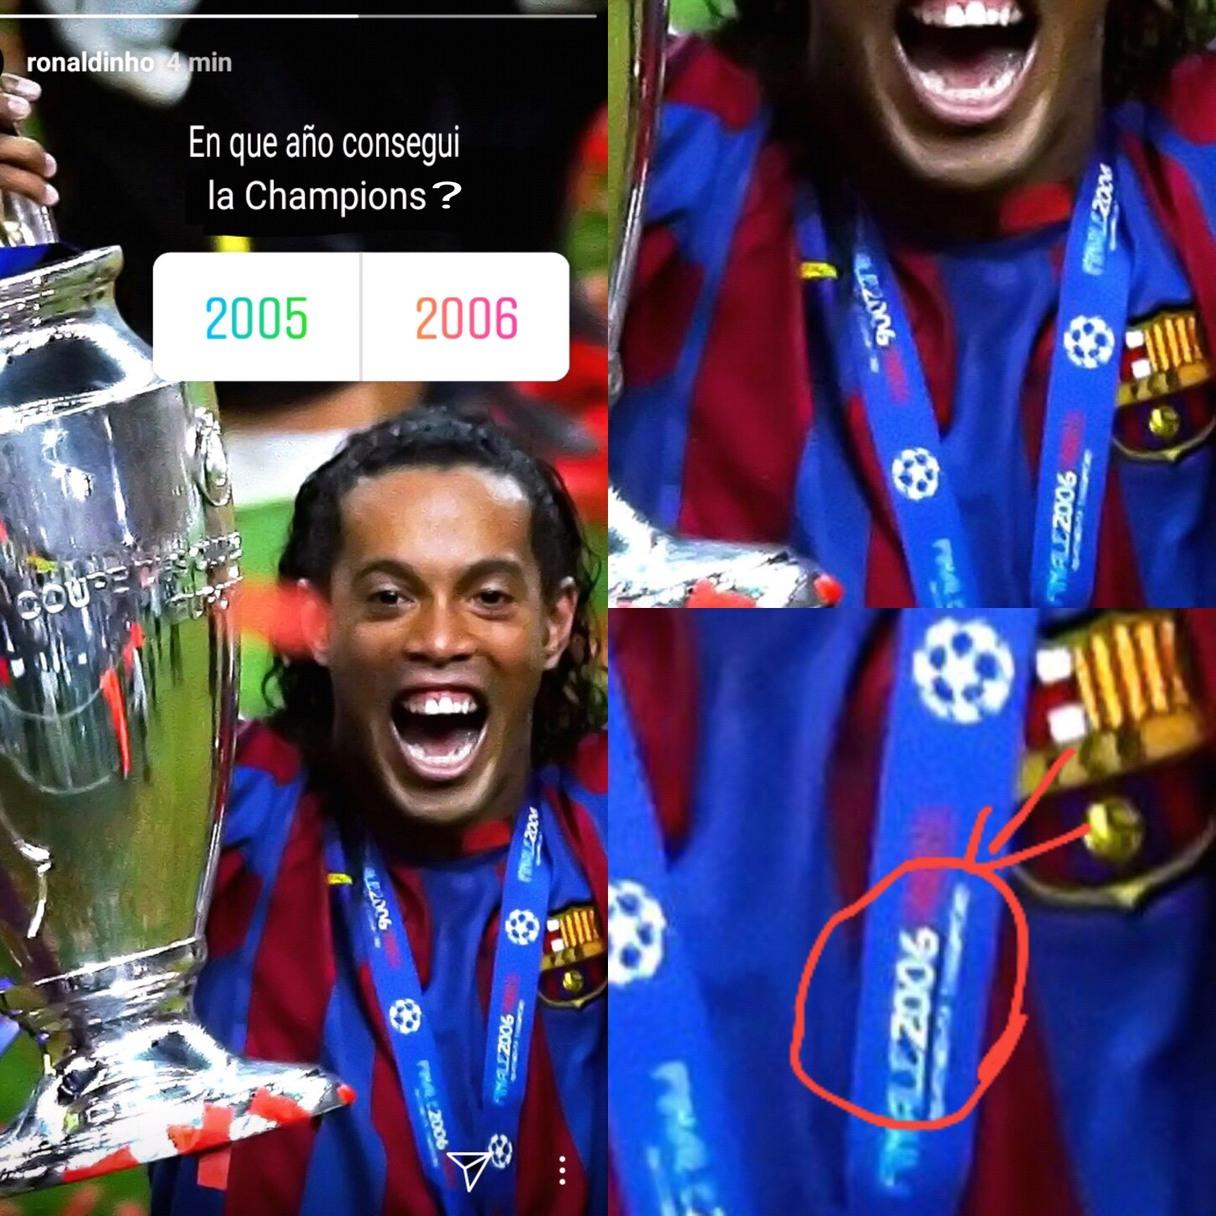 Este Ronaldinho es un loquillo - meme